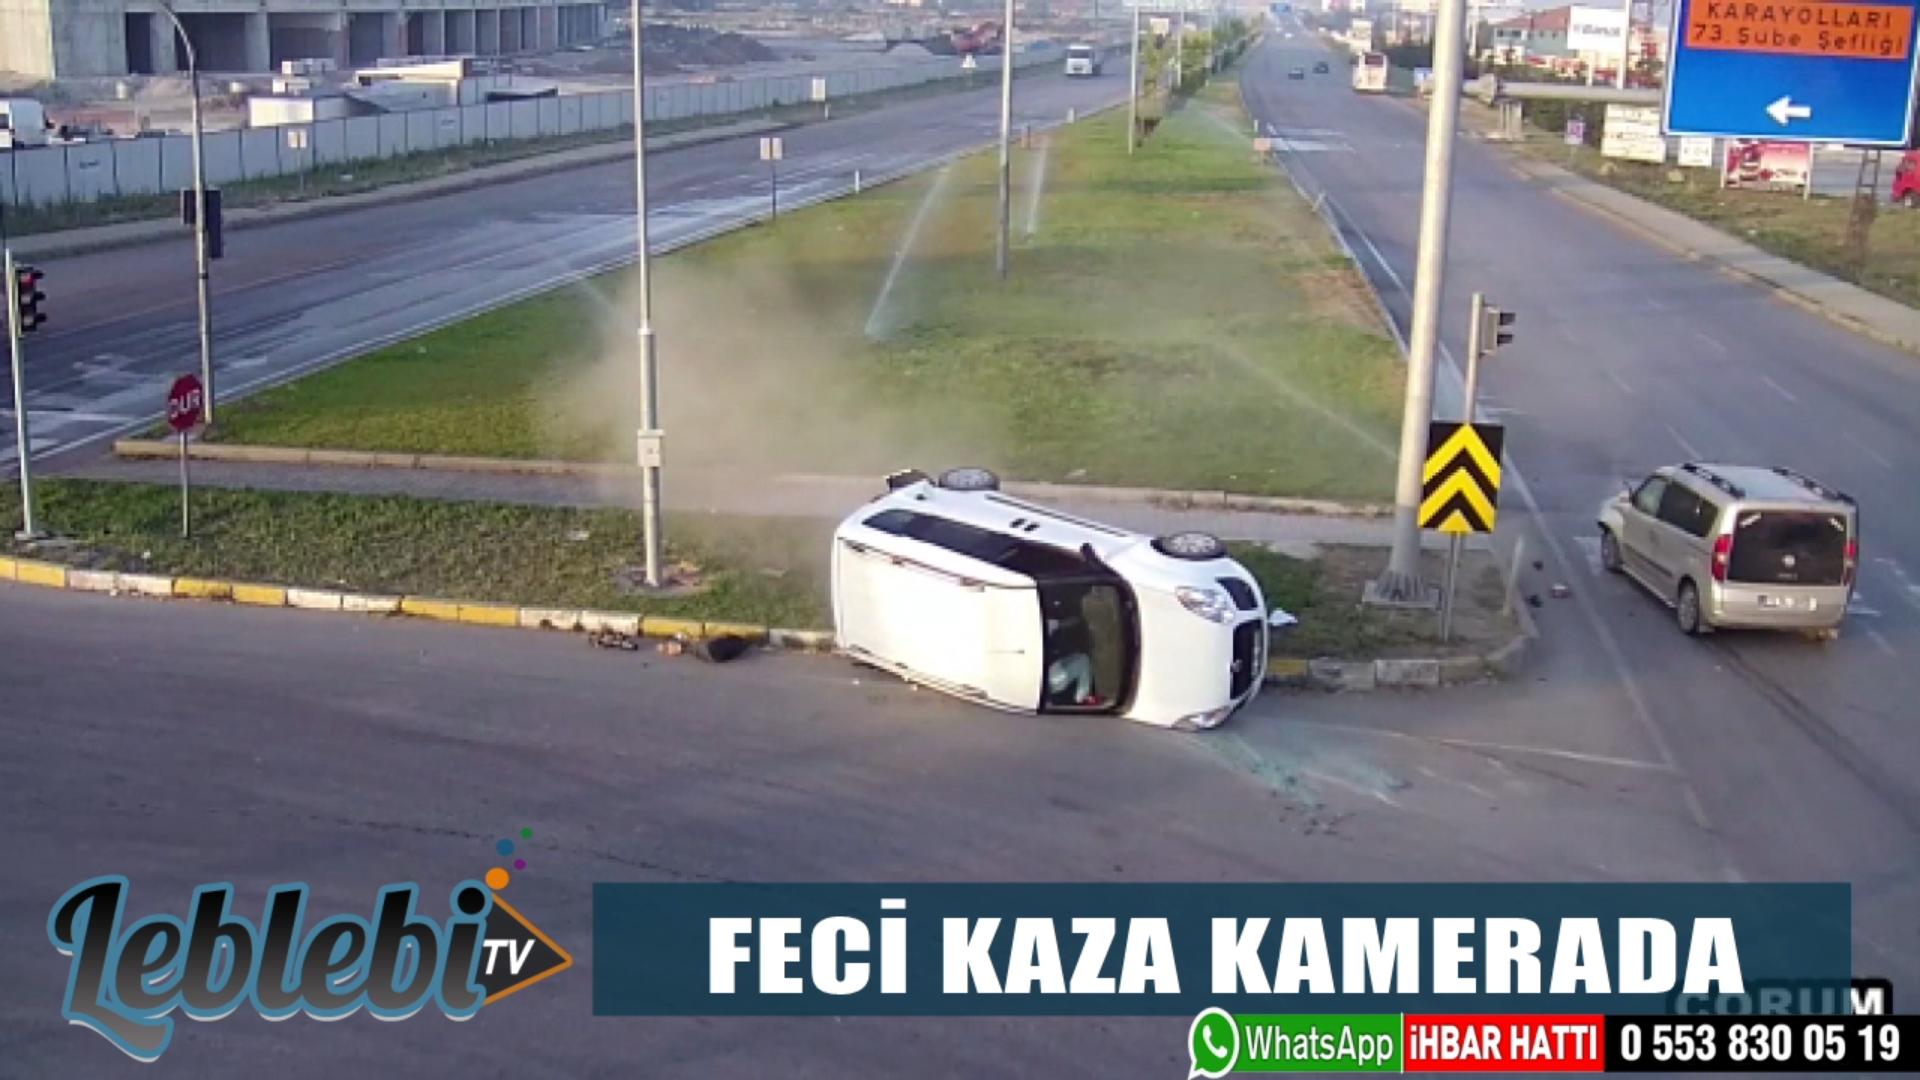 FECİ KAZA KAMERADA